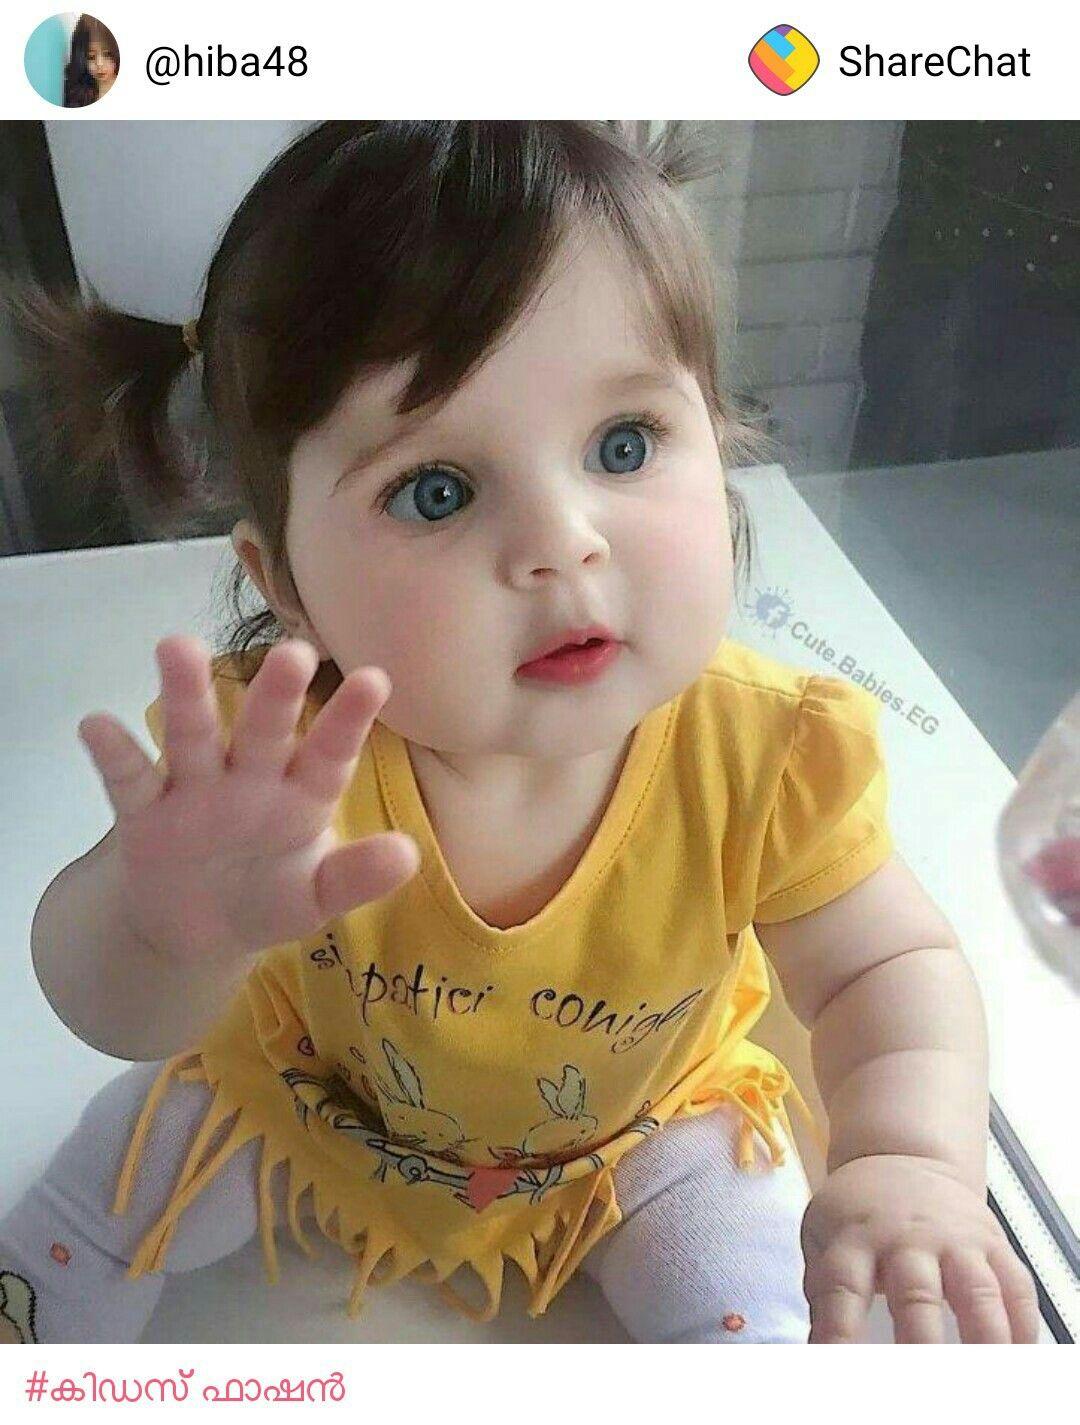 Pin By Rachel Elizabeth Adams On 2 Cytierie Cute Kids Photos Cute Kids Pics Cute Little Baby